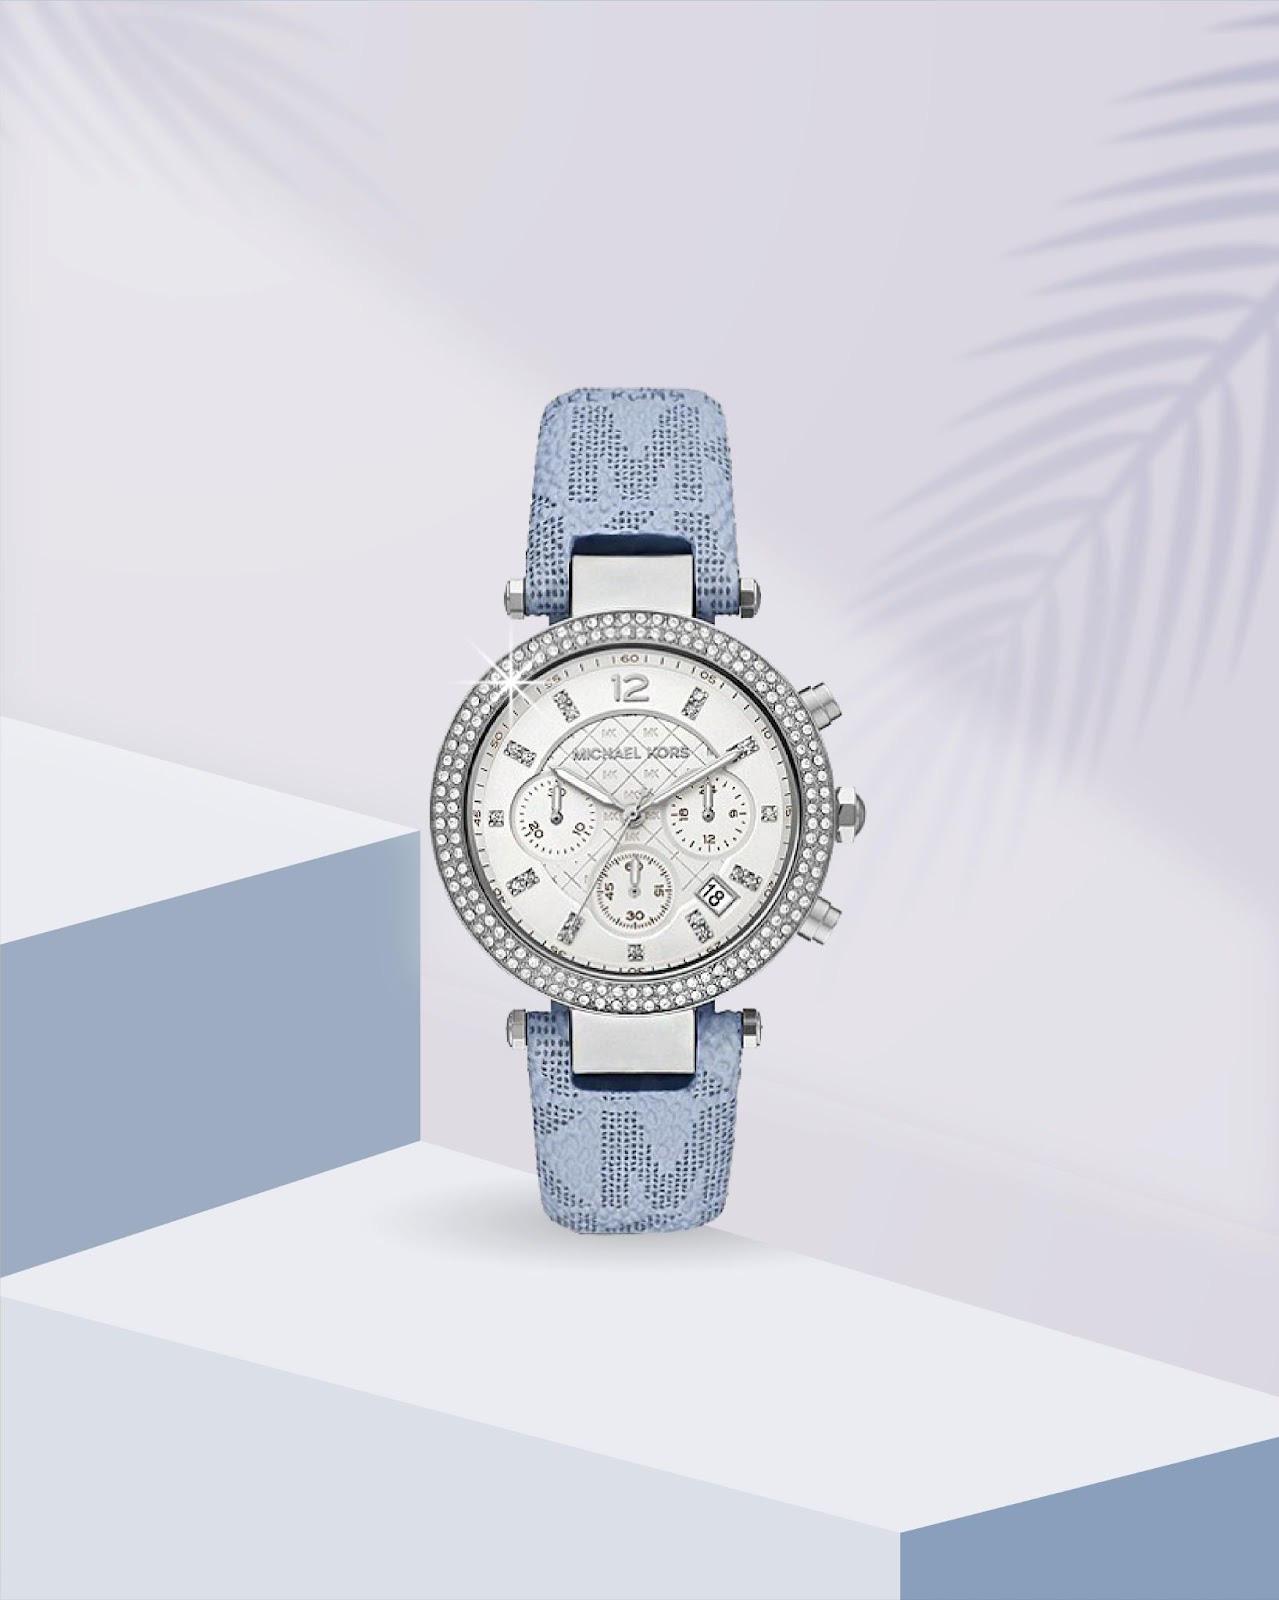 Top đồng hồ Michael Kors nữ mẫu mới vừa ra mắt gây sốt - Ảnh 4.